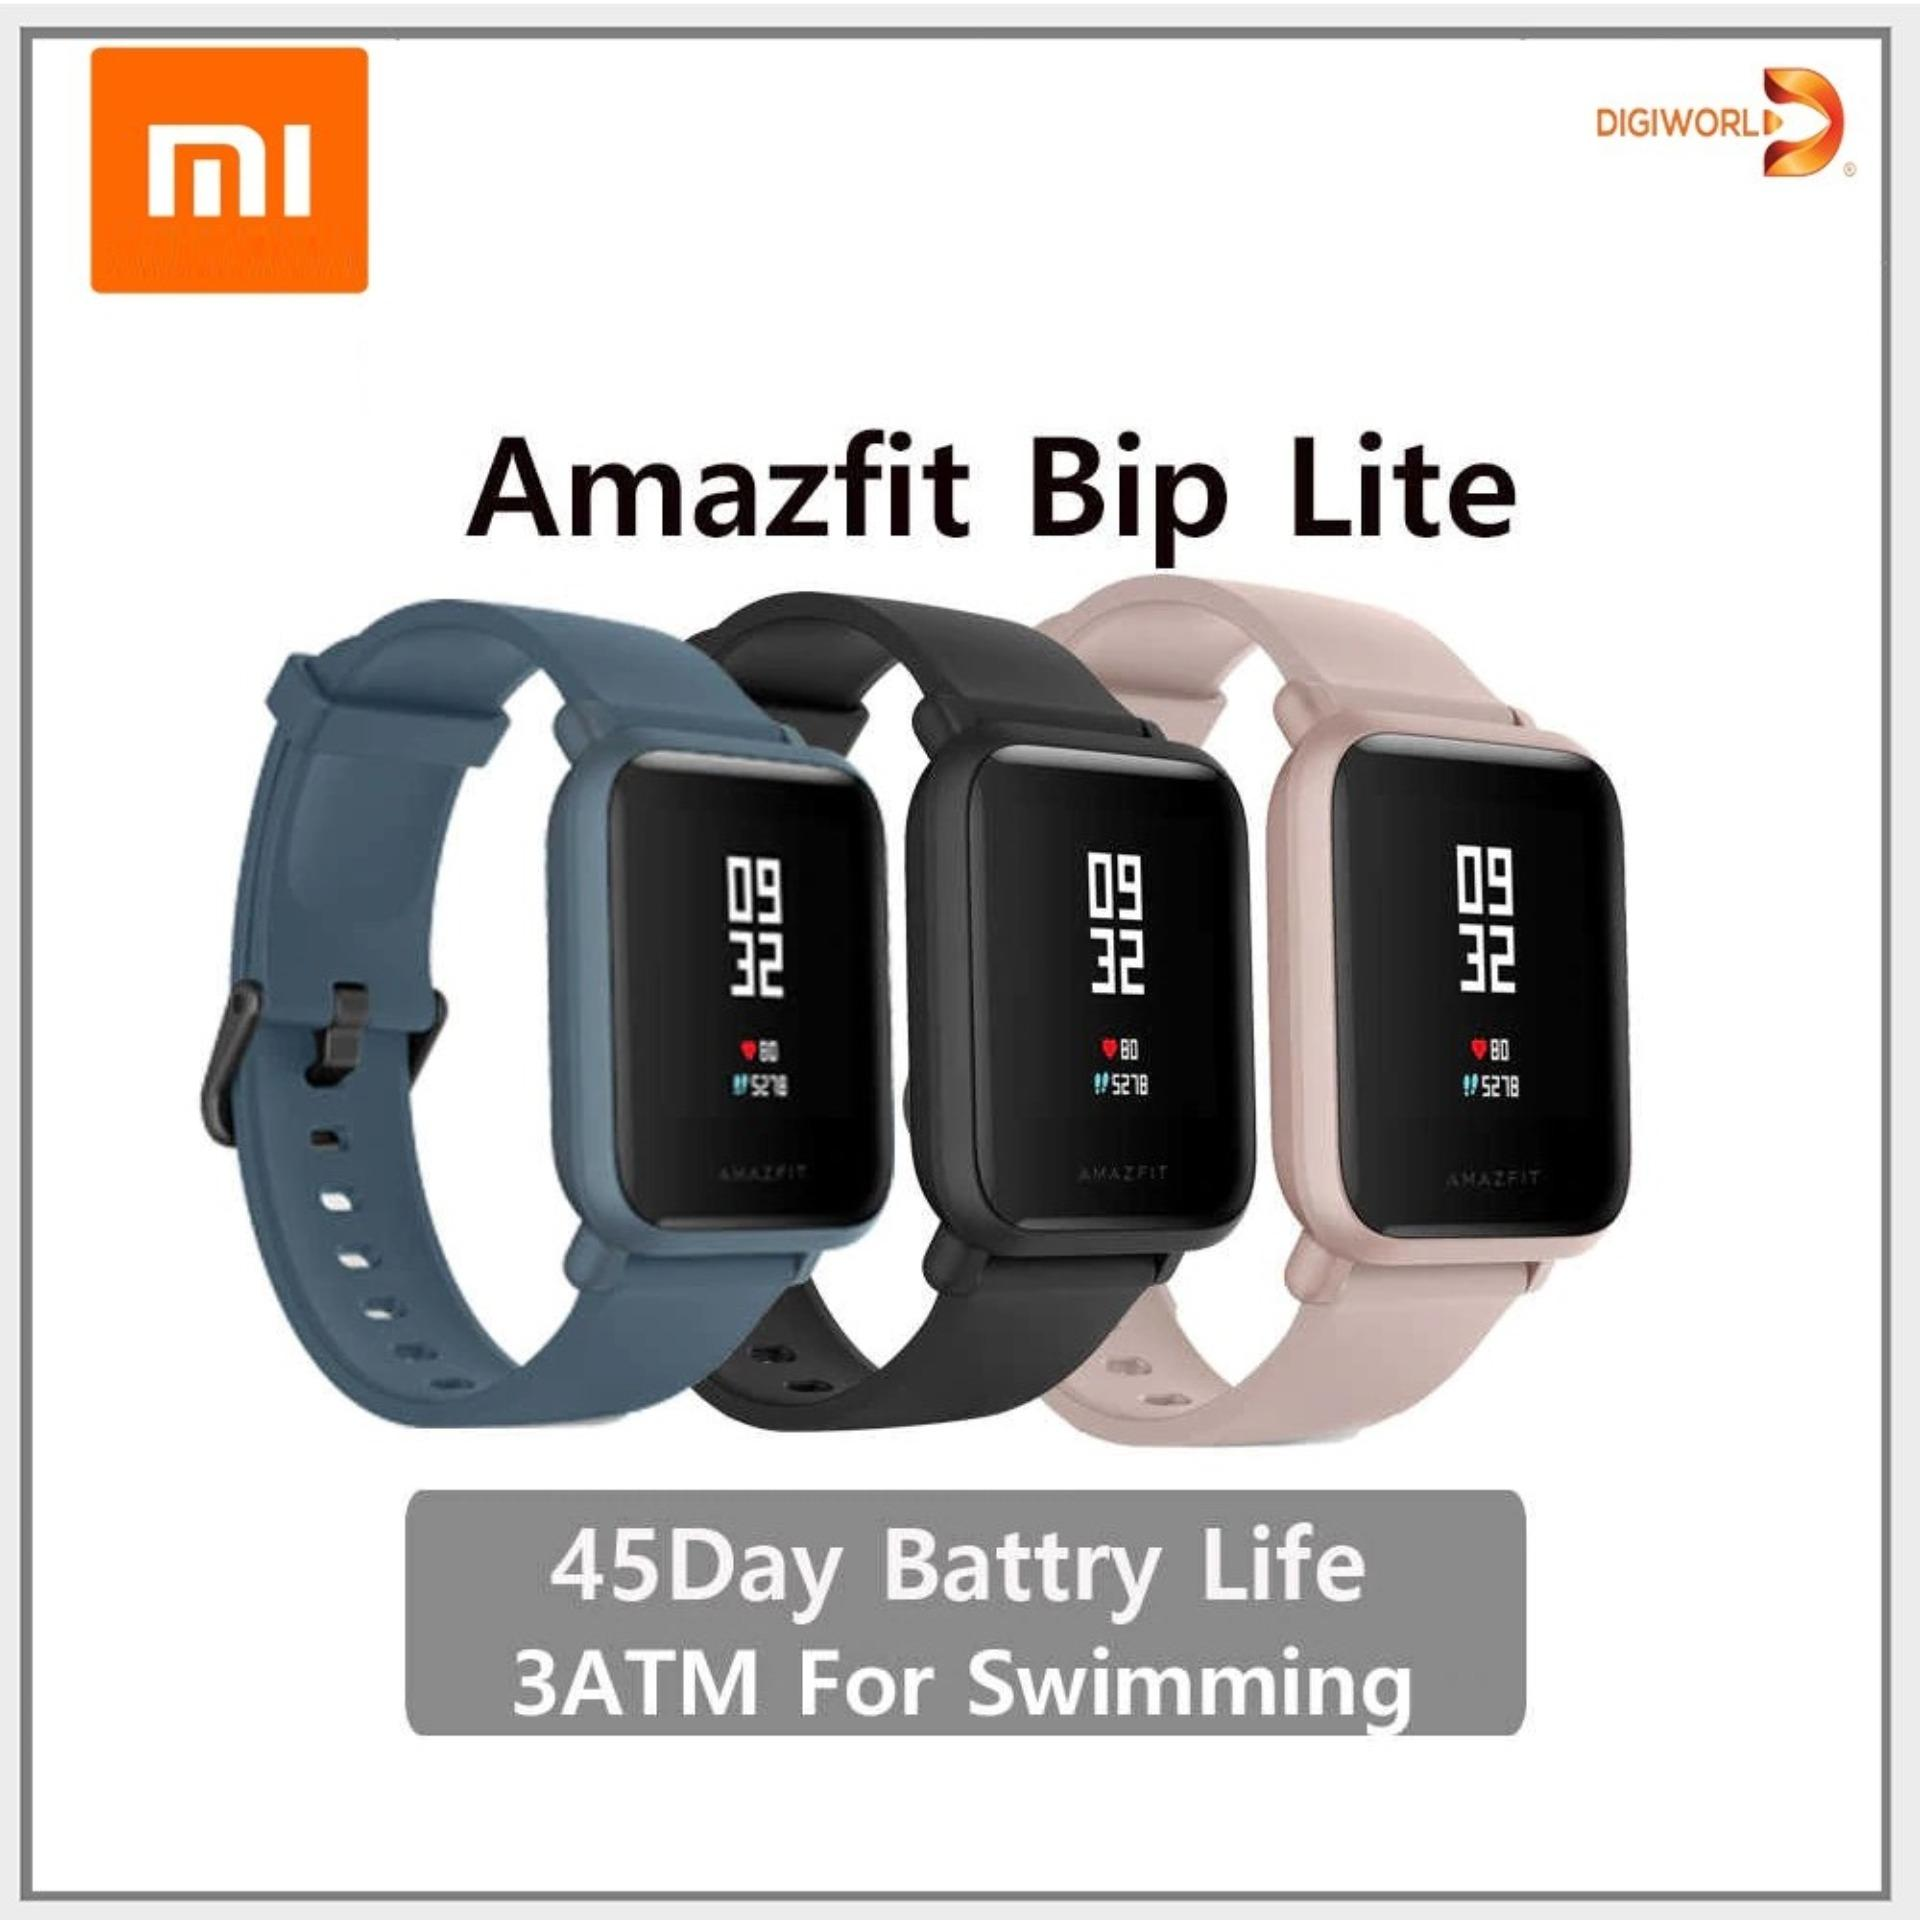 Đồng hồ thông minh Xiaomi Amazfit Bip Lite - Hàng Chính Hãng DGW